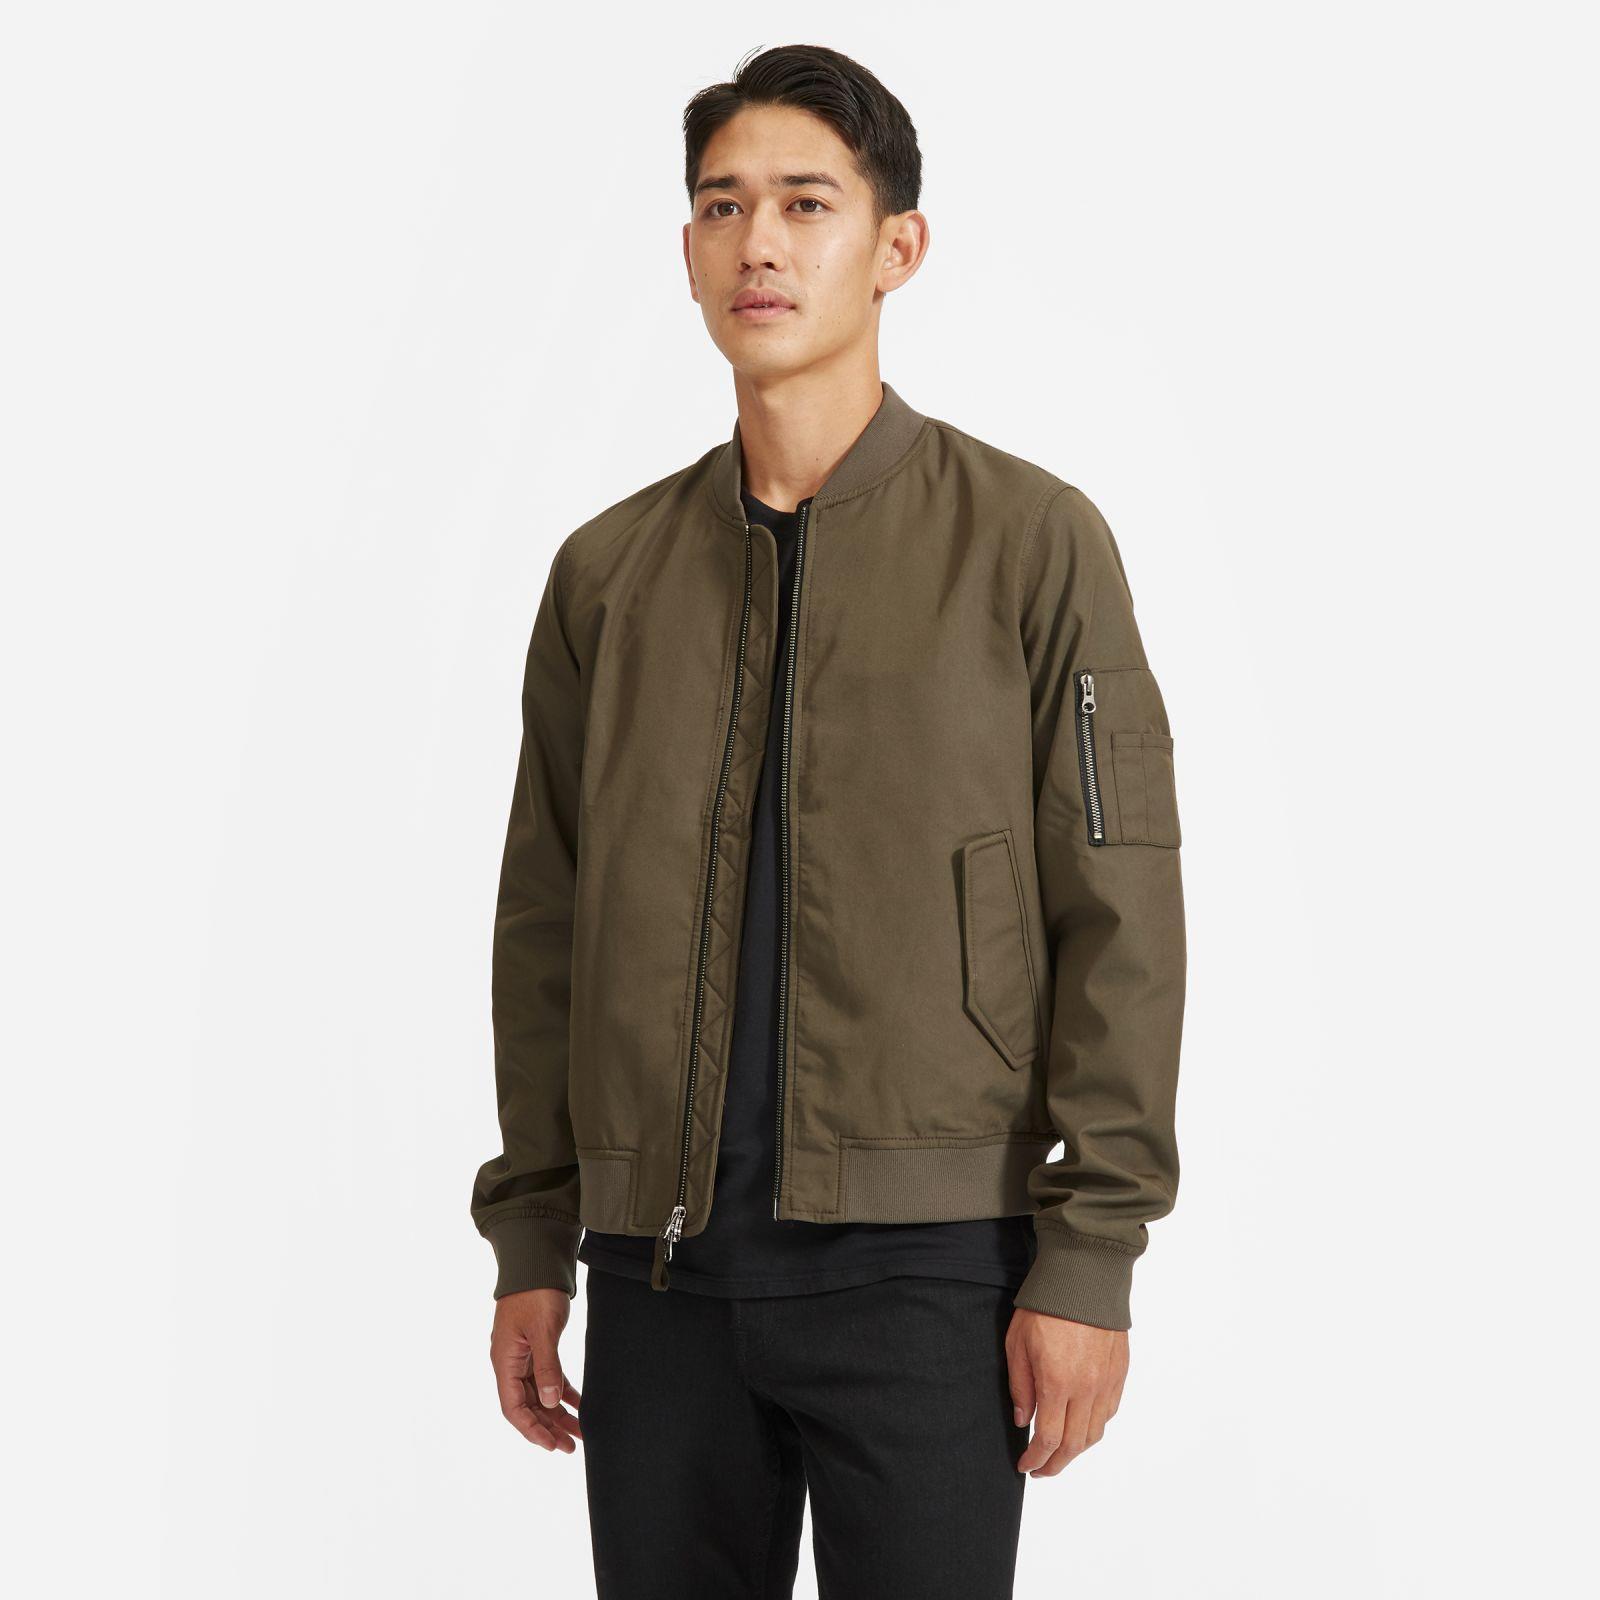 Men's Bomber Jacket | Uniform in Brushed Pewter